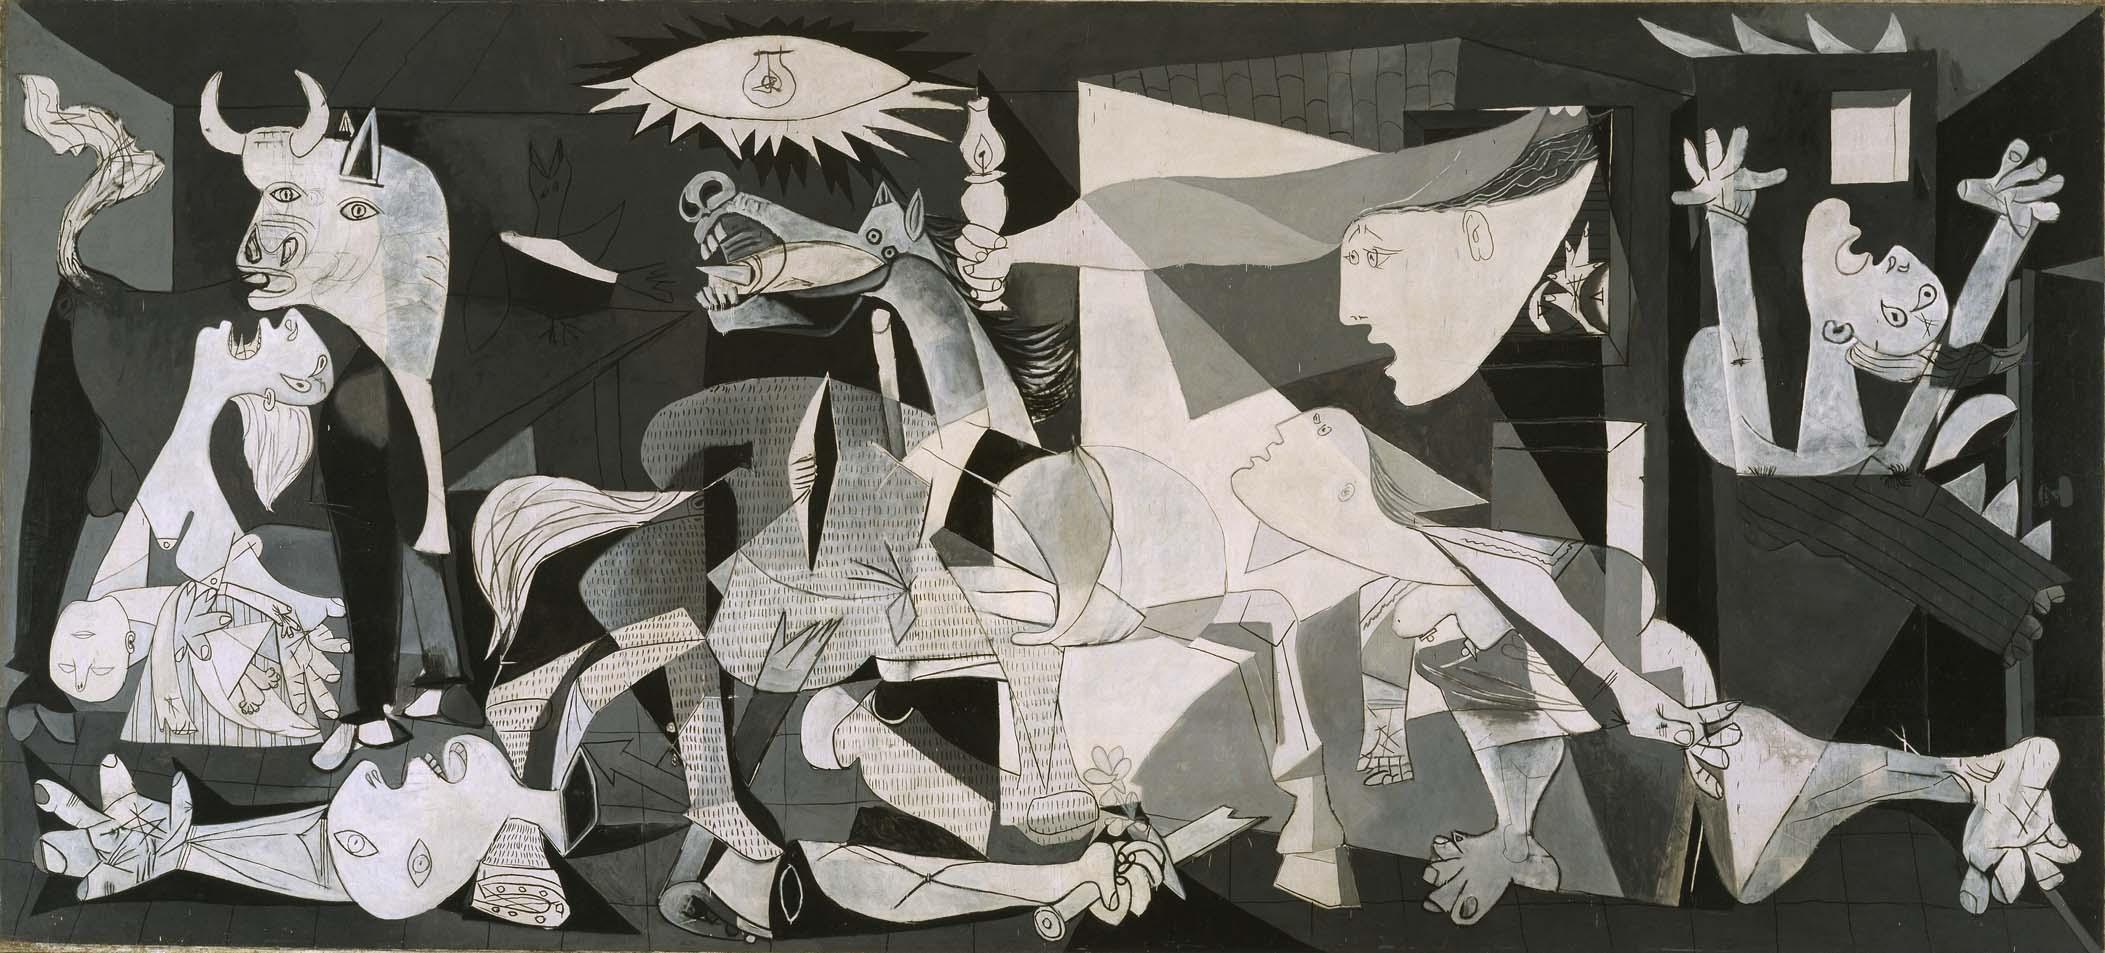 Sıra Dışı Bir Öncü İhtişamlı Yaşamı ve Muhteşem Hikâyesi ile Pablo Picasso 19